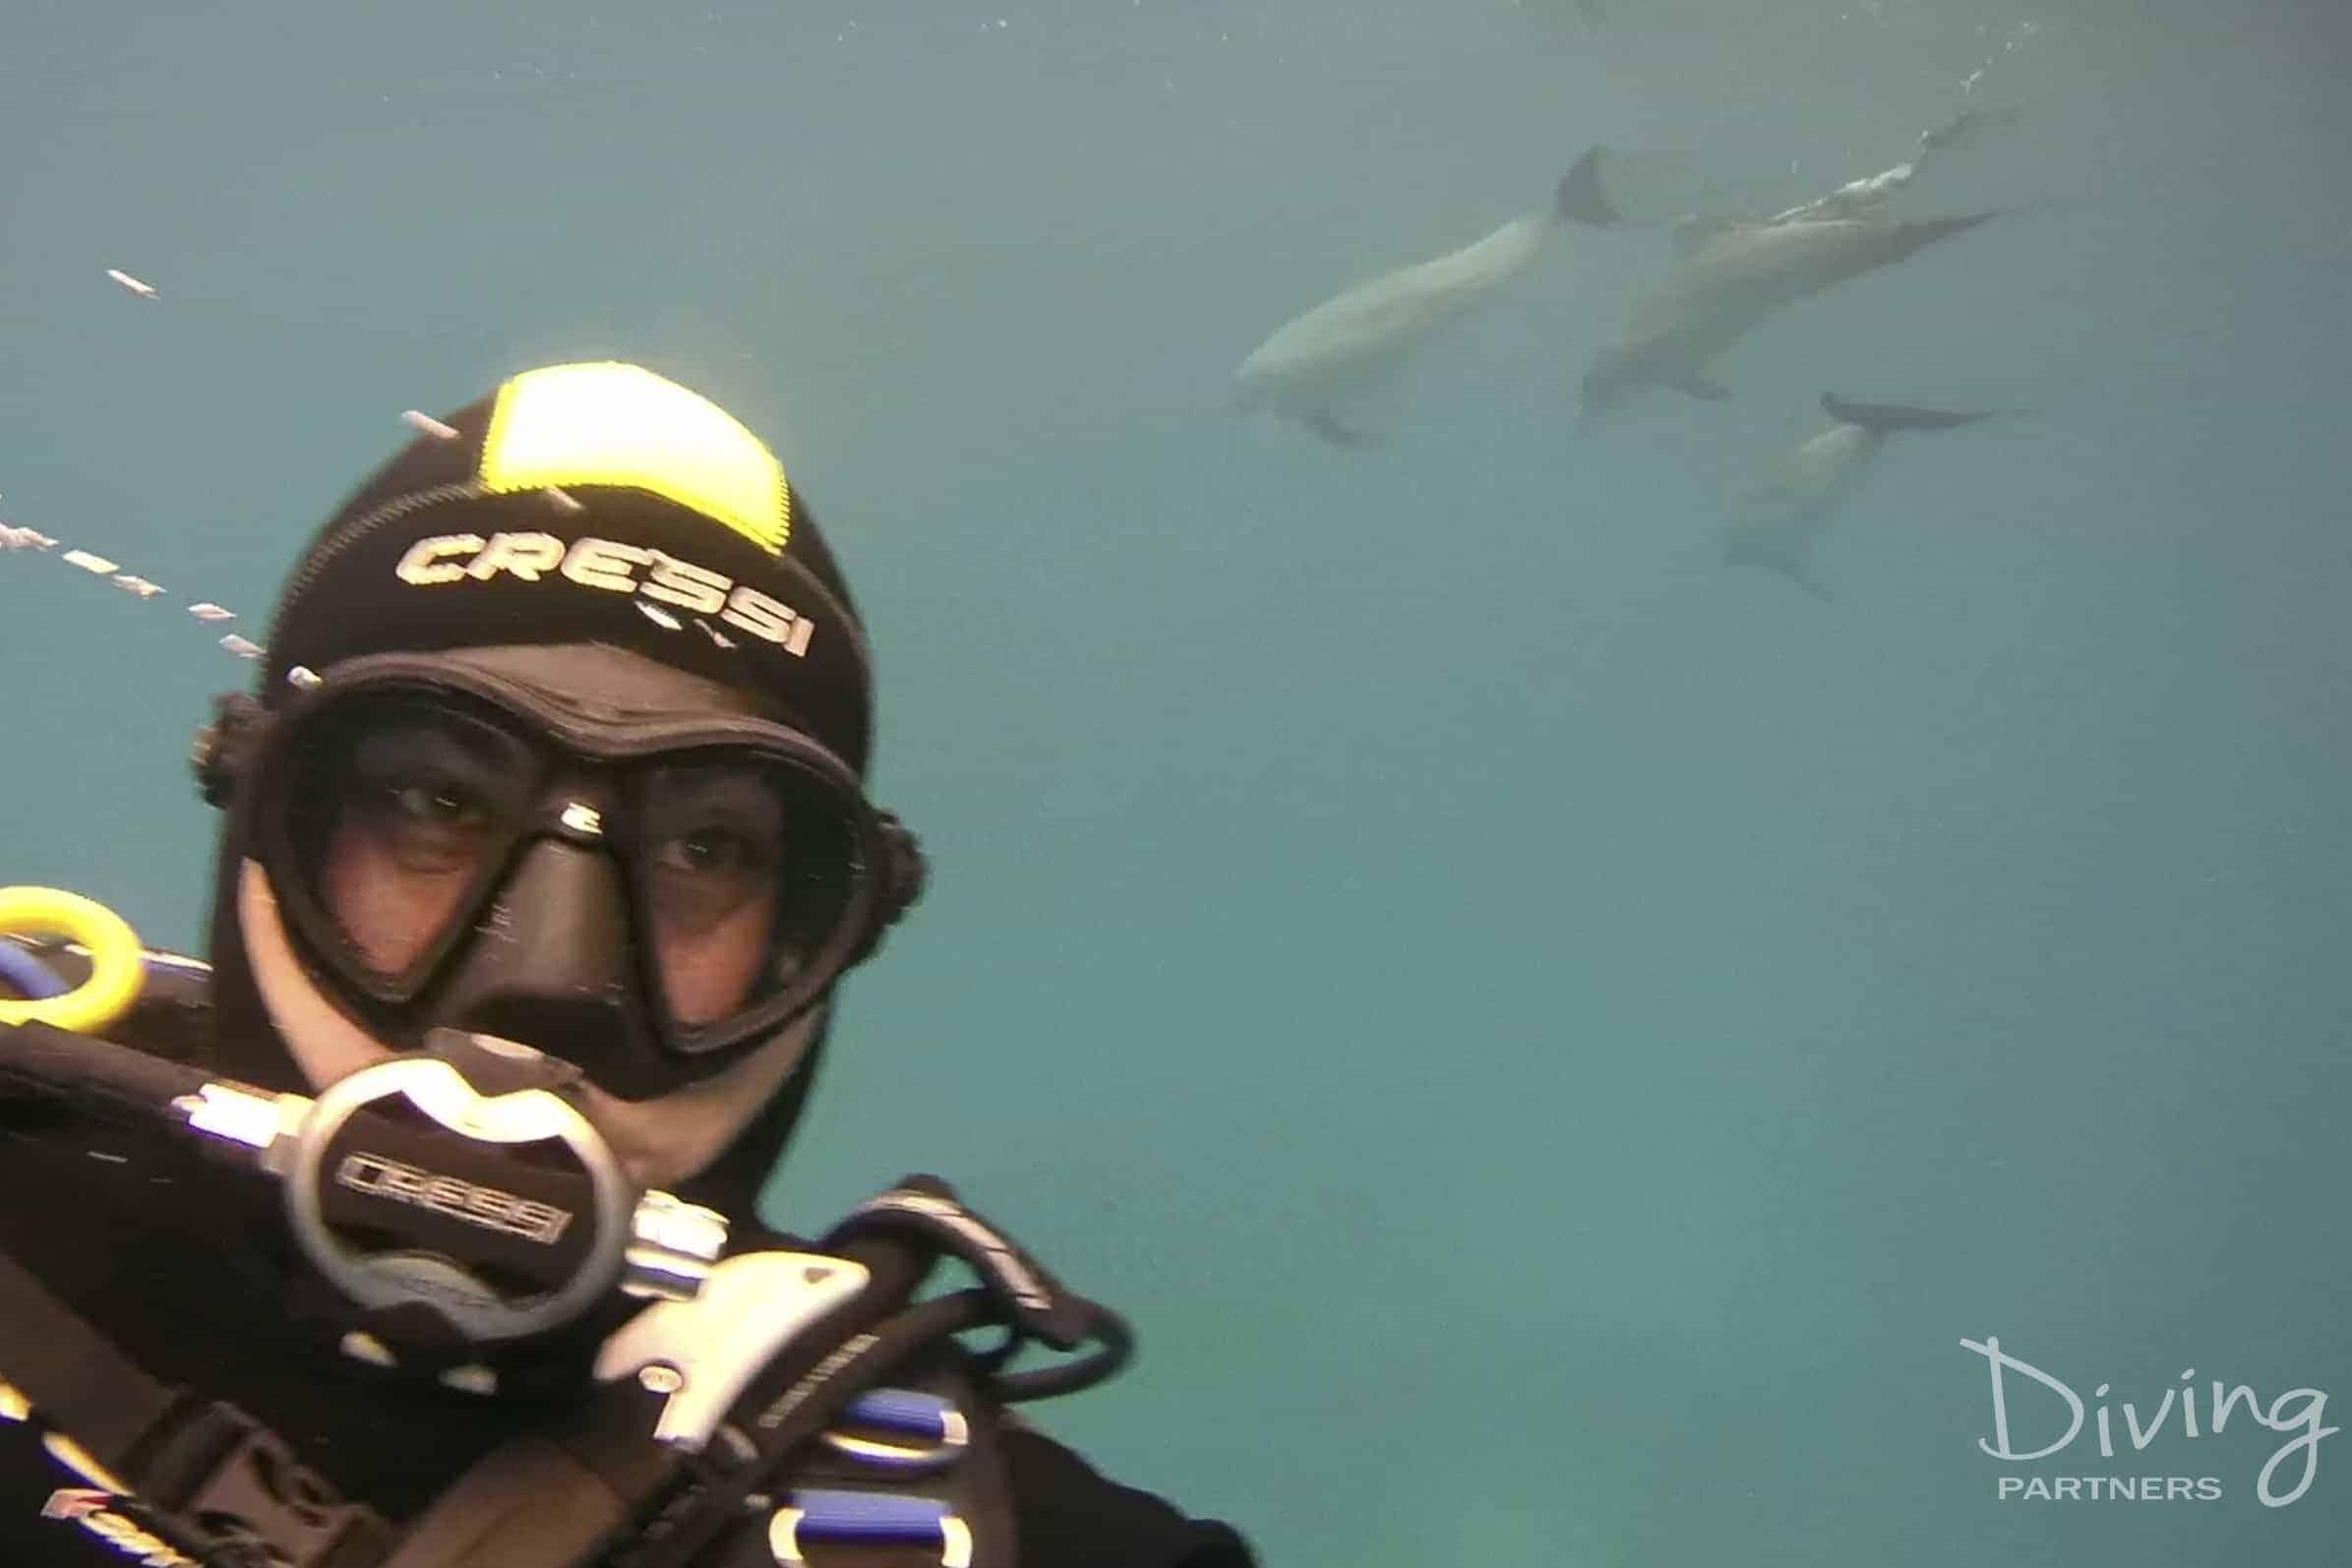 Diving Partners Captura de pantalla 2017-04-20 a la(s) 17.14.09 copia